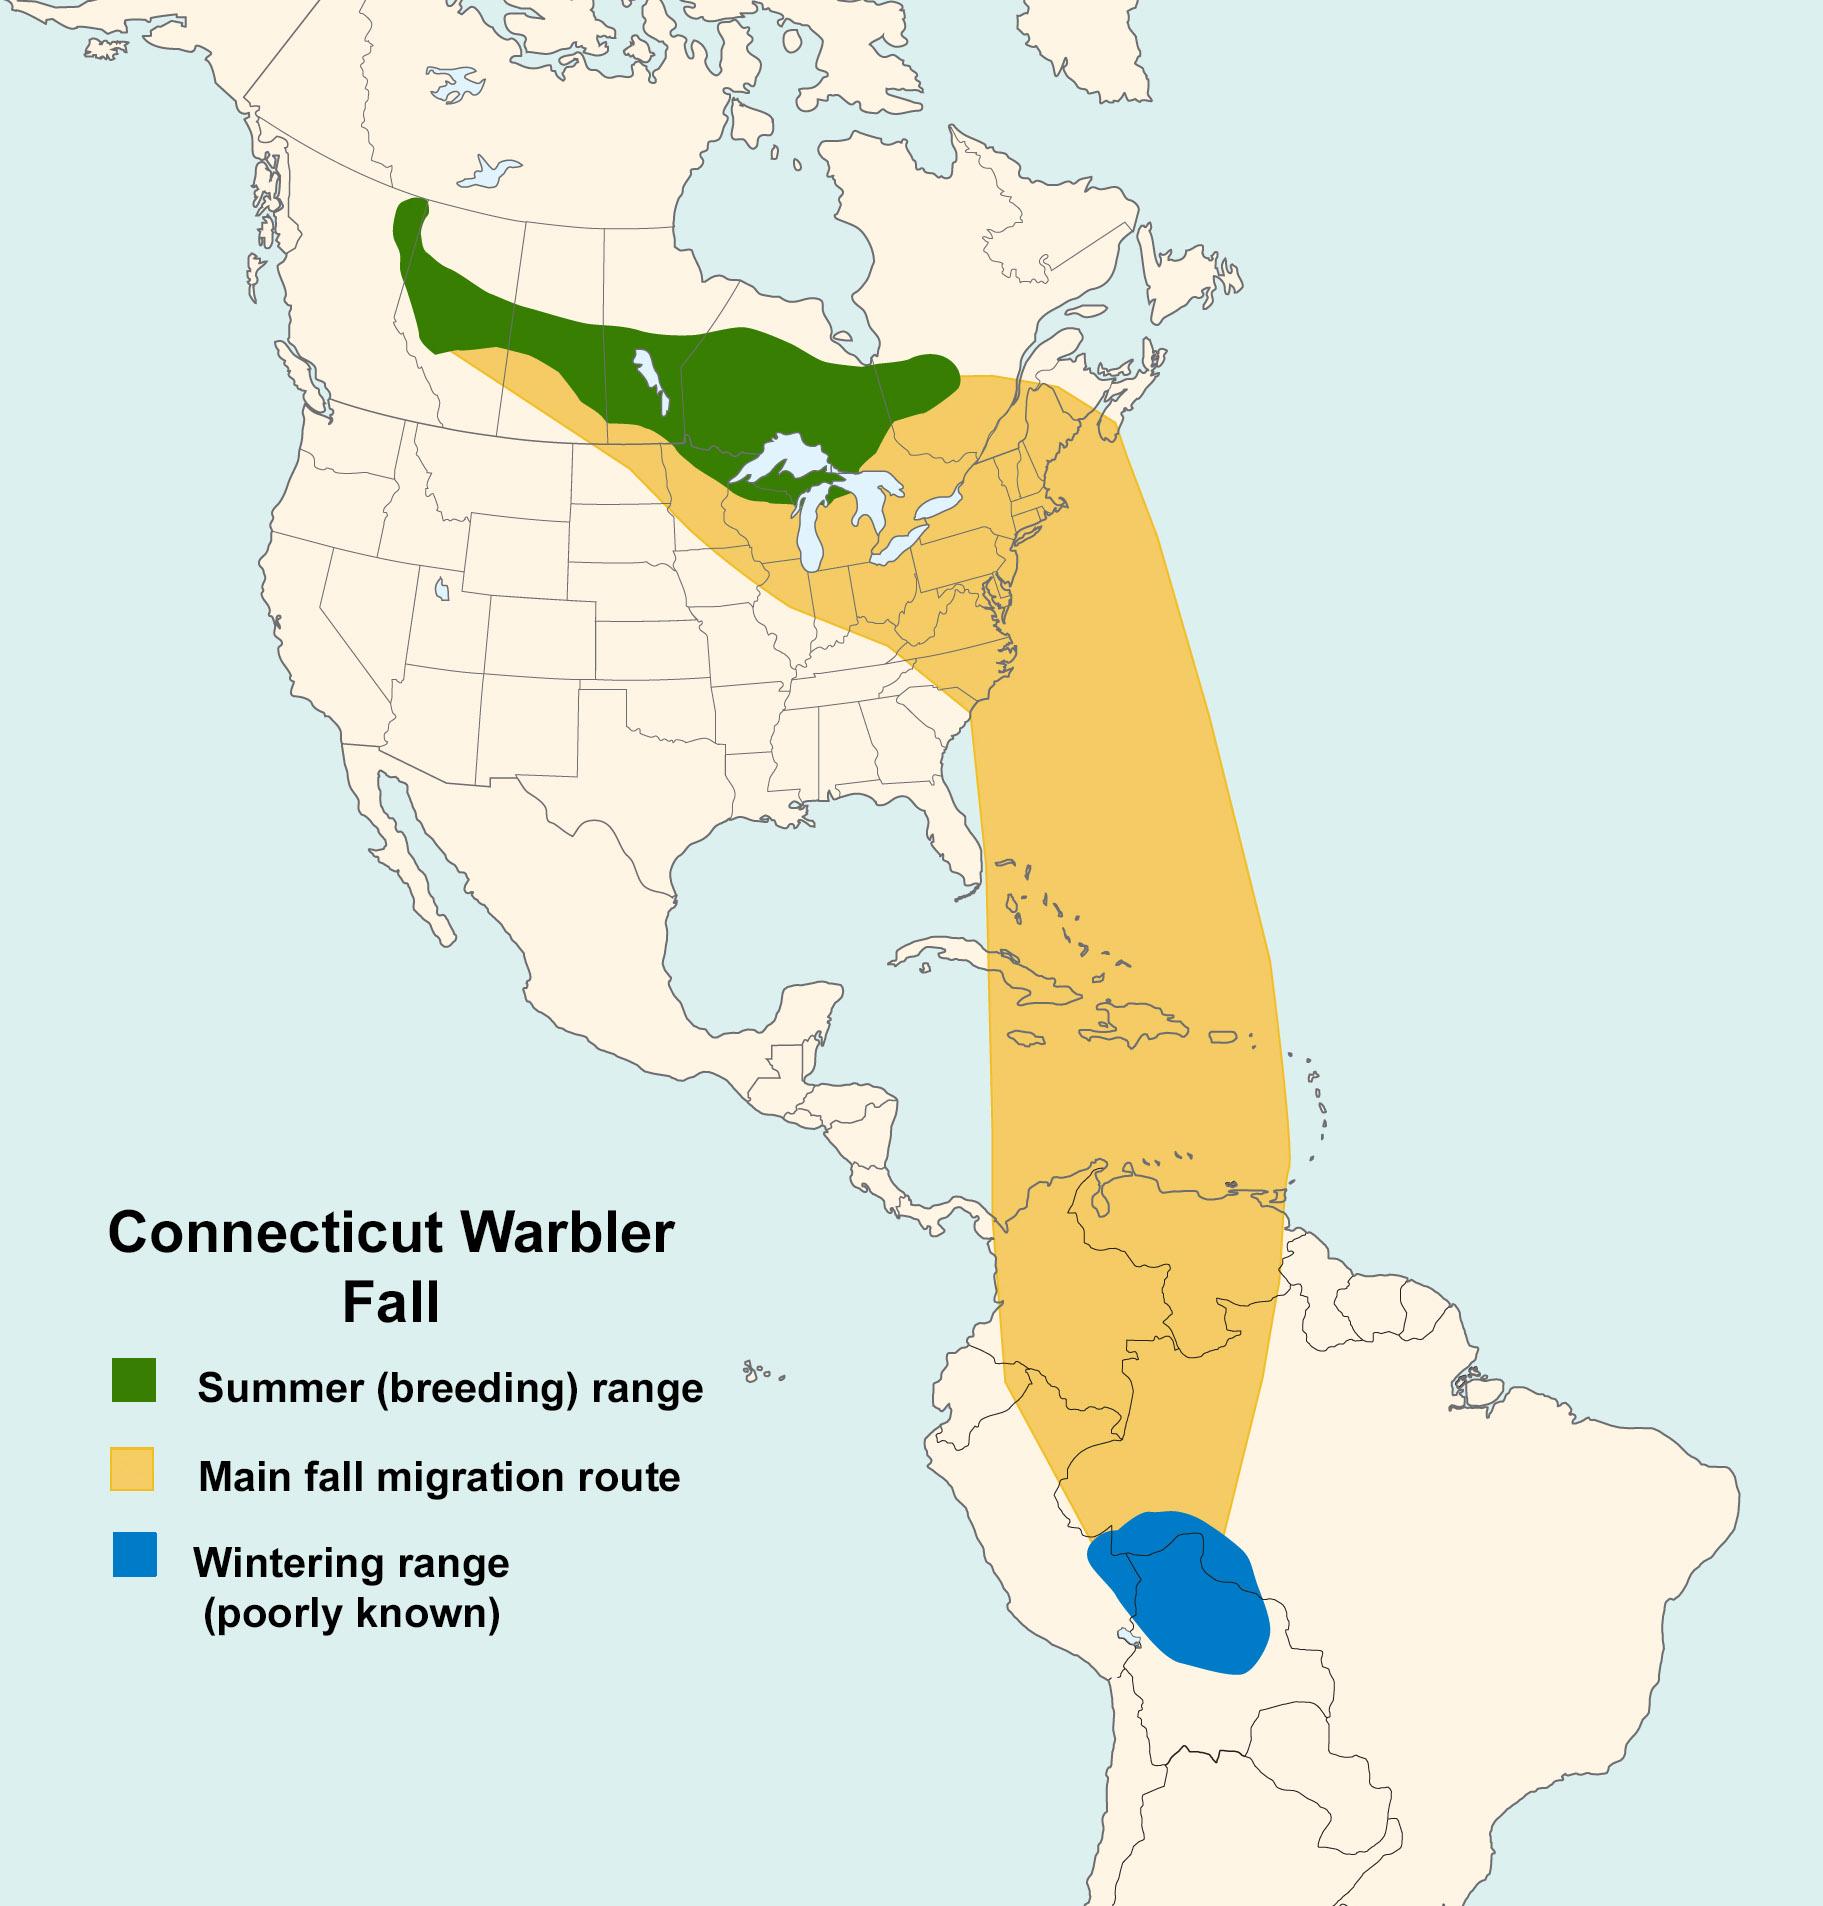 Mapa ilustrado que muestra los patrones de migración de la curruca de Connecticut en el otoño.